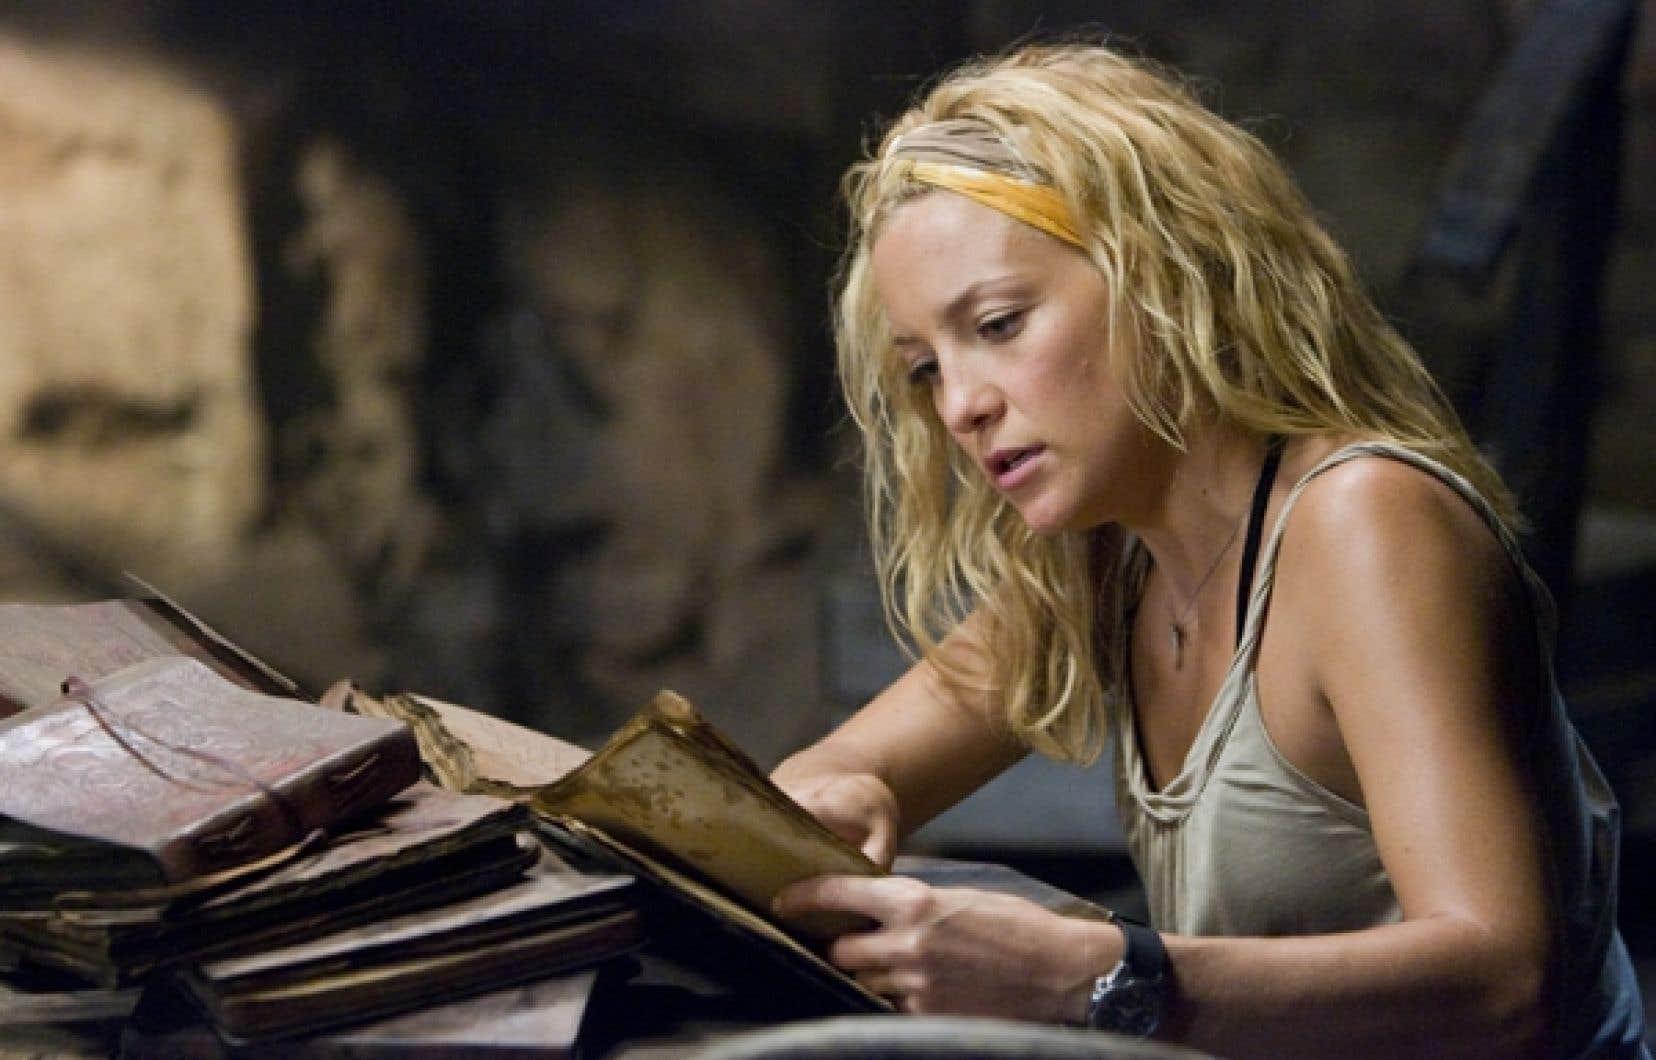 Kate Hudson lisant des vieux livres dans le film Fool's Gold (2008)<br />